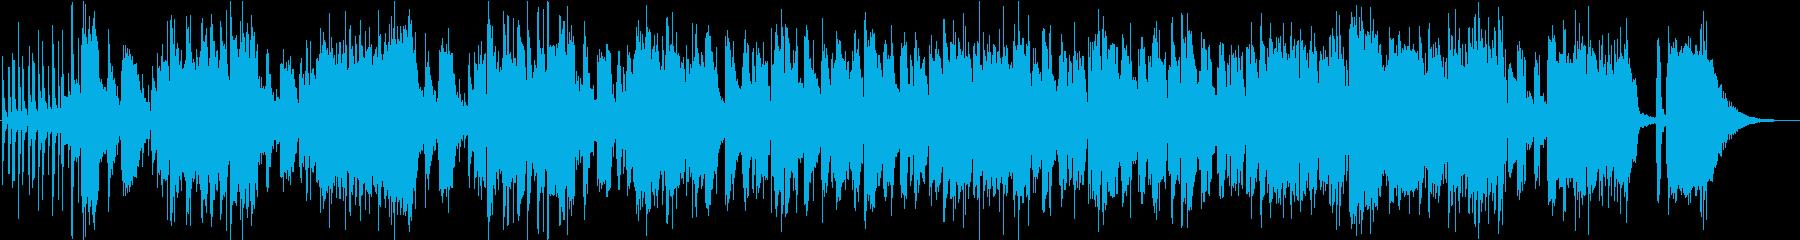 ノリノリでかっこいいジャズ【短縮版の再生済みの波形